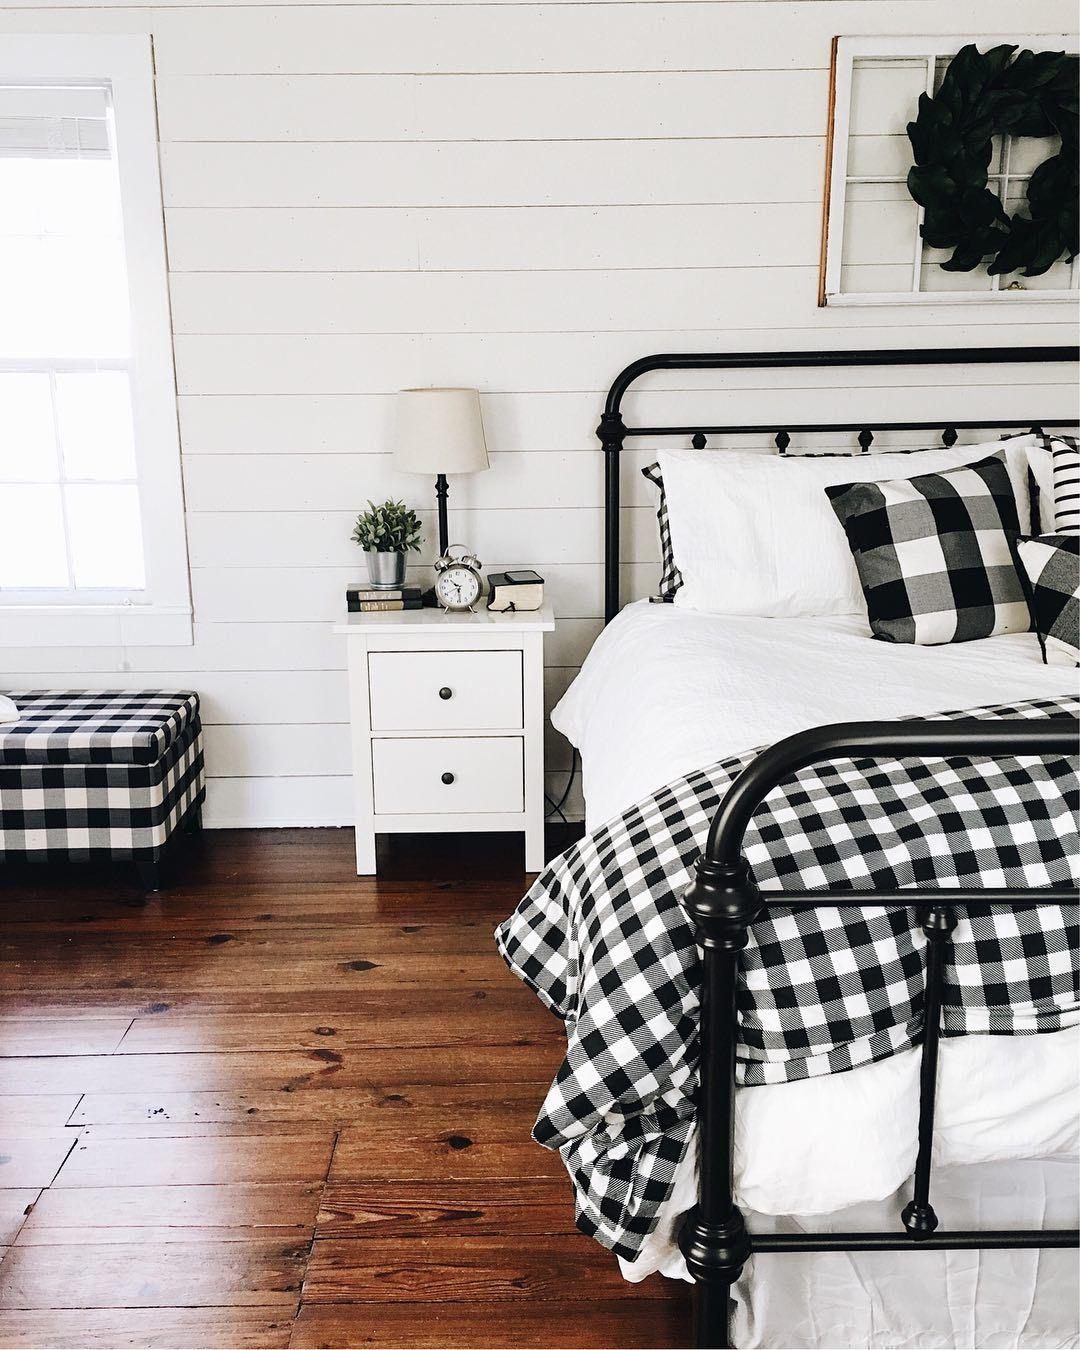 pin von tothemoonandback auf living schlafzimmer diy. Black Bedroom Furniture Sets. Home Design Ideas